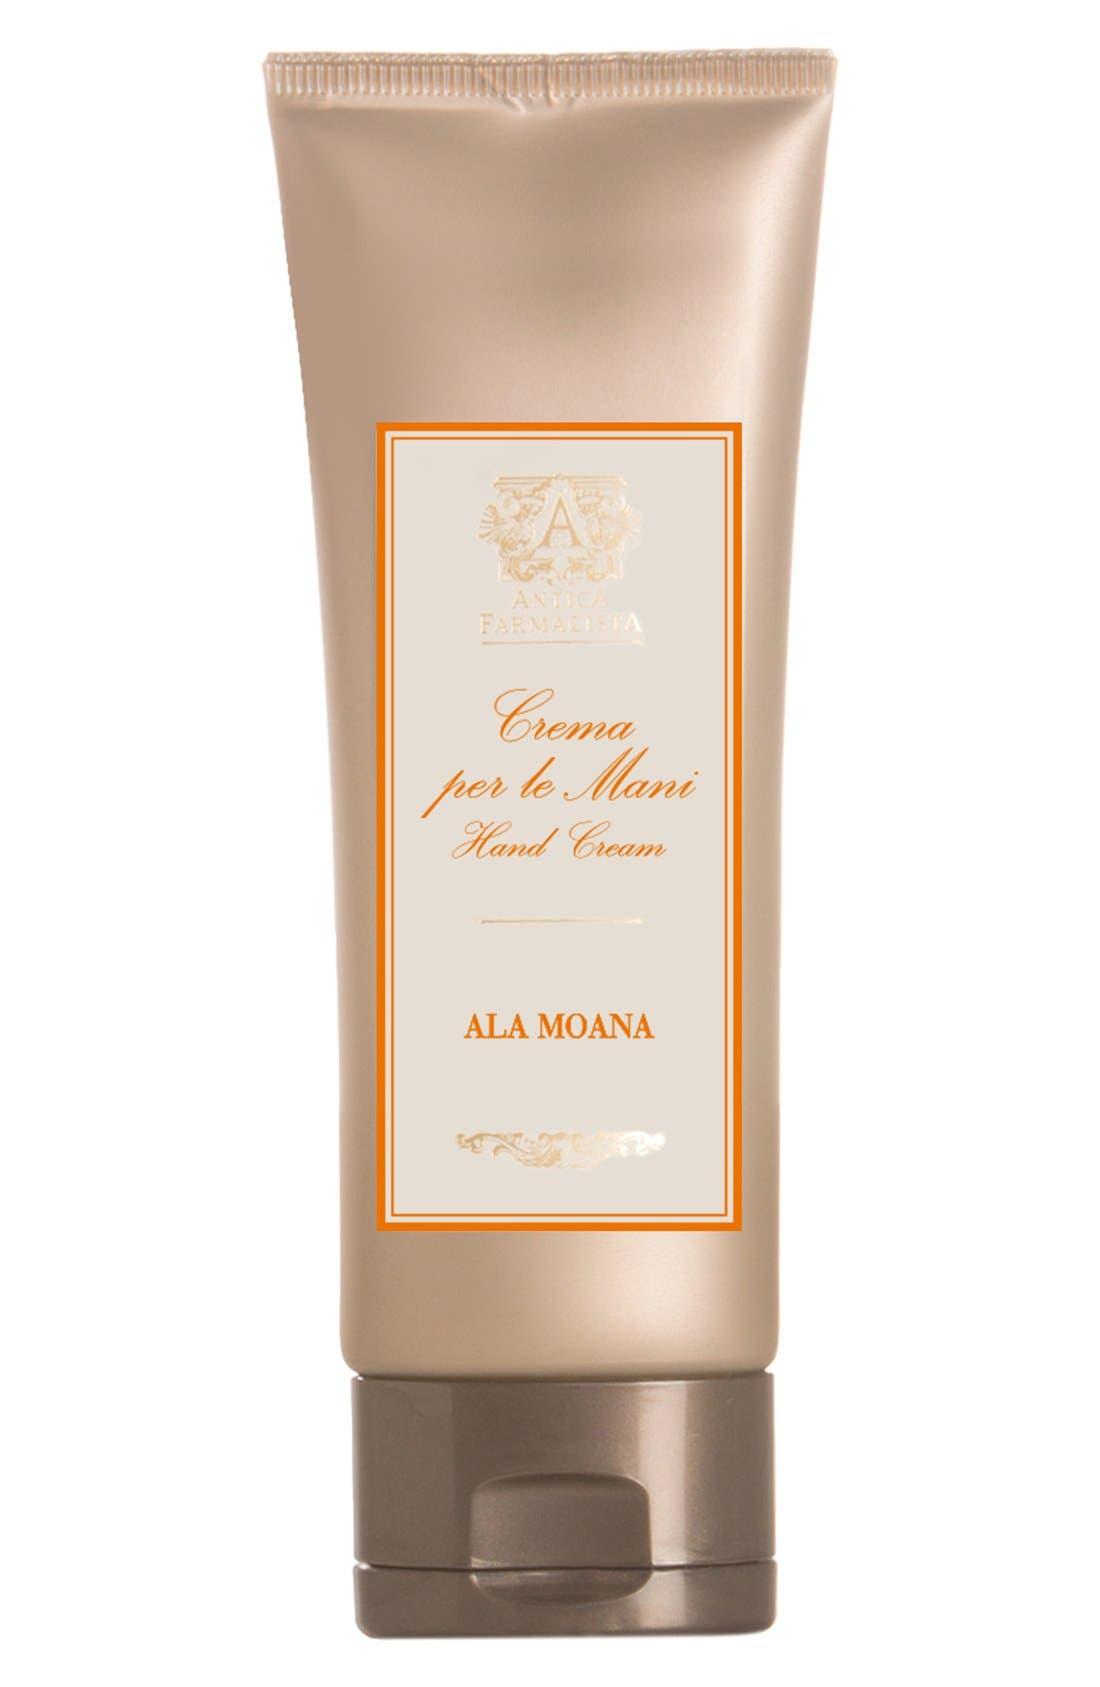 Antica Farmacista 'Ala Moana' Hand Cream